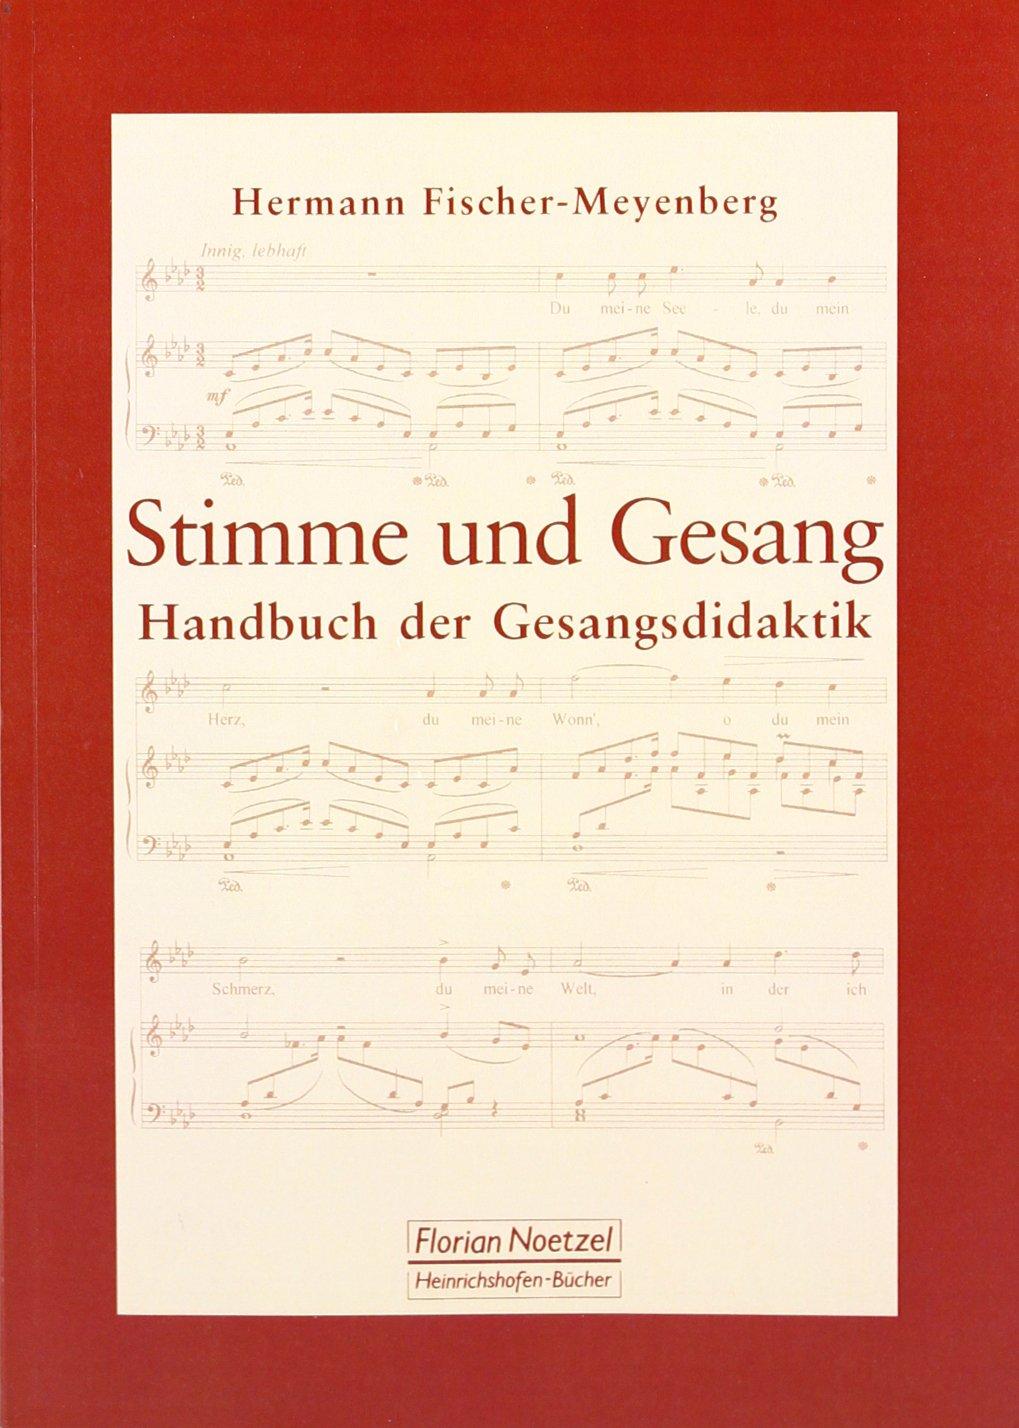 Stimme und Gesang: Handbuch der Gesangsdidaktik